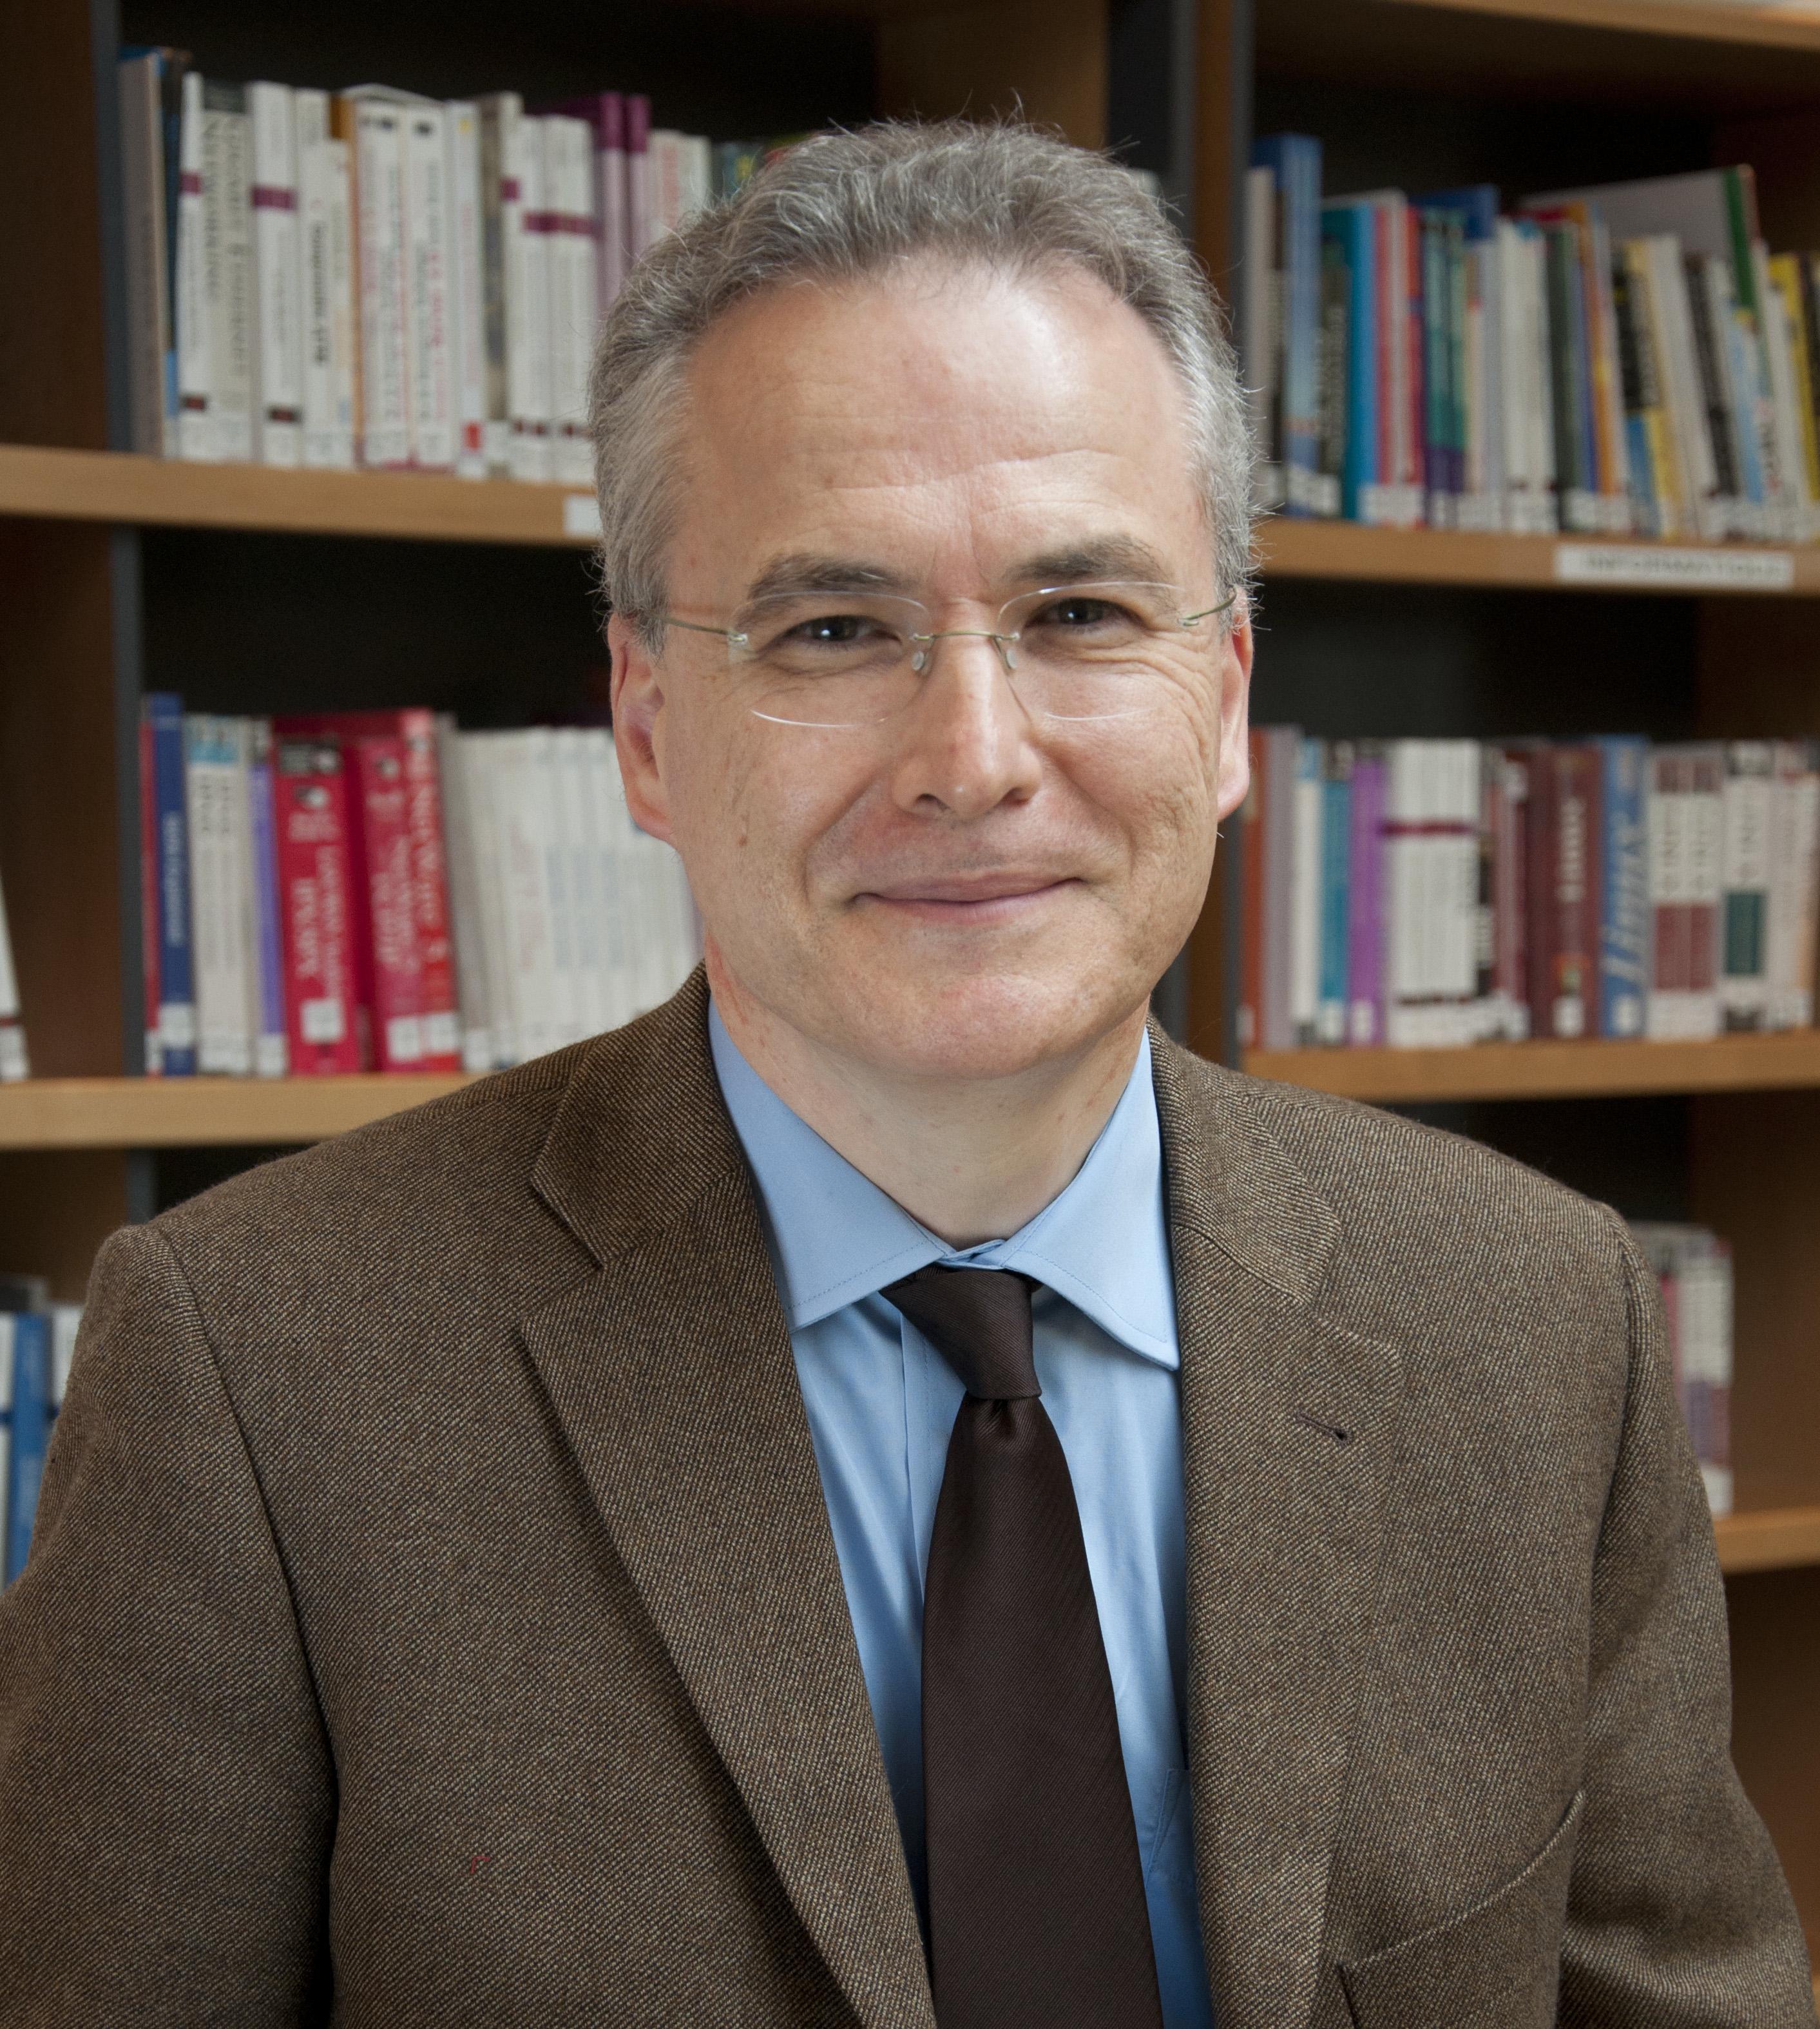 Patrick Klaousen